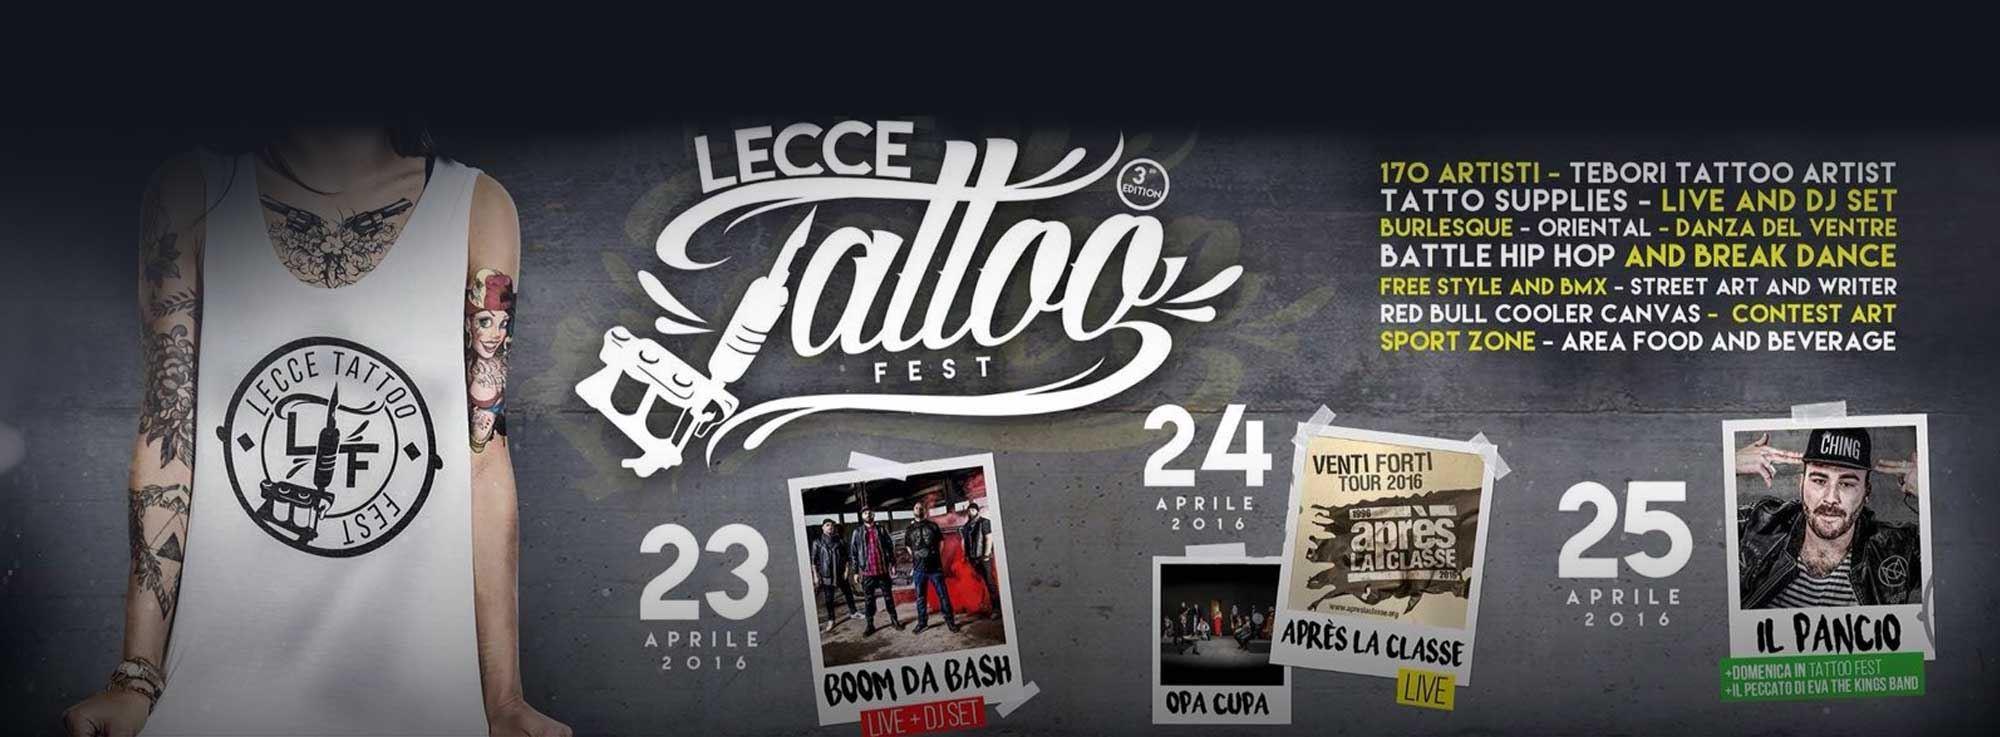 Lecce: Lecce Tattoo Fest 2016